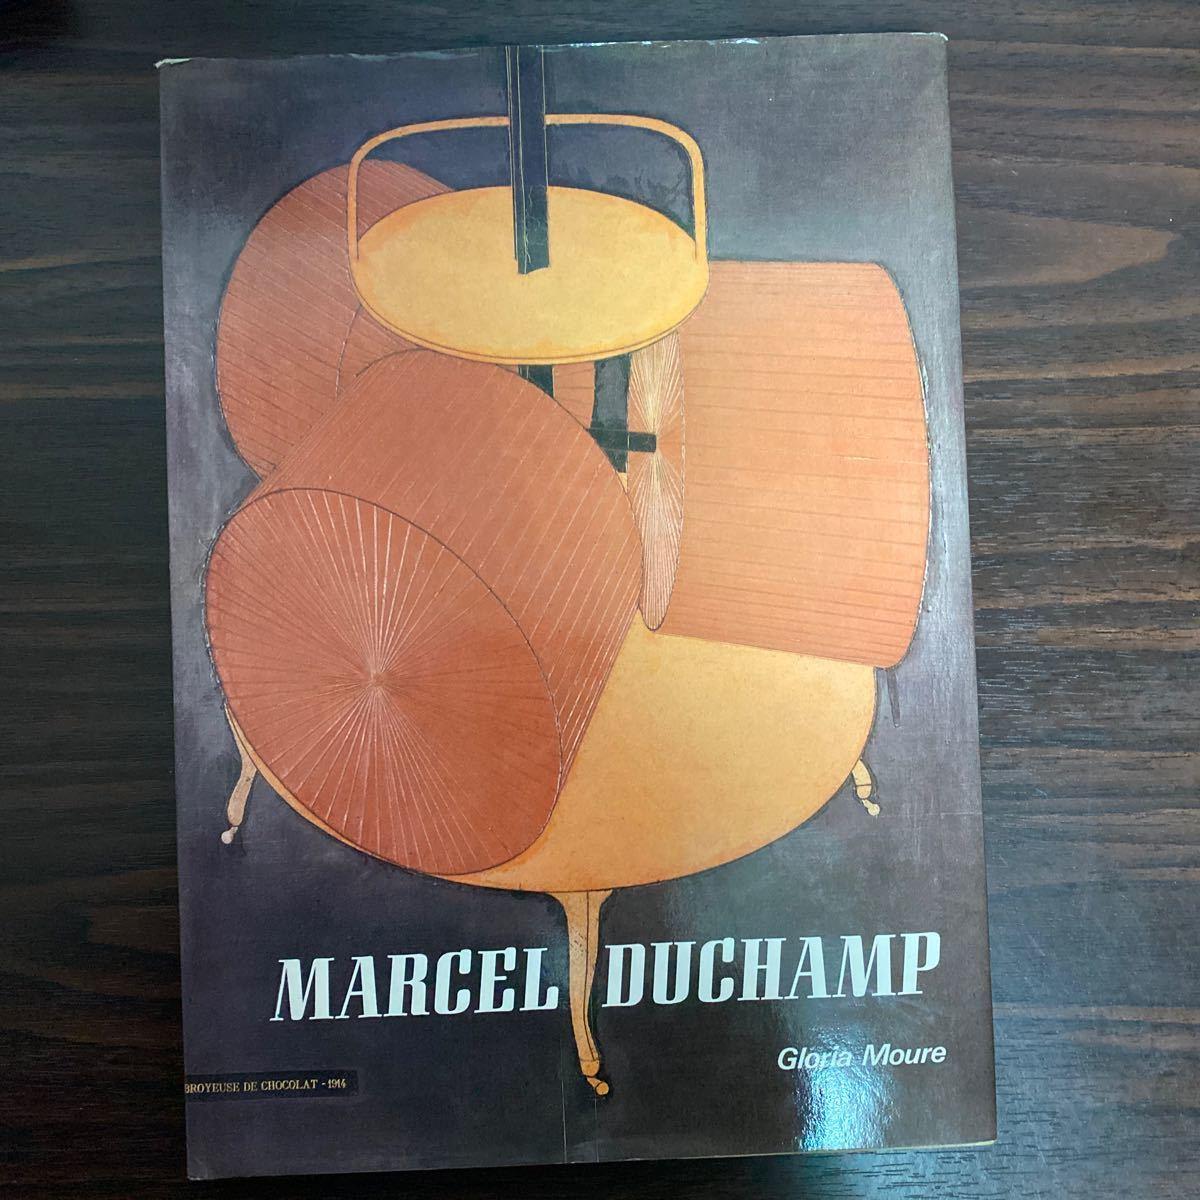 マルセル・デュシャン marcel duchamp gloria moire ハードカバー_画像1